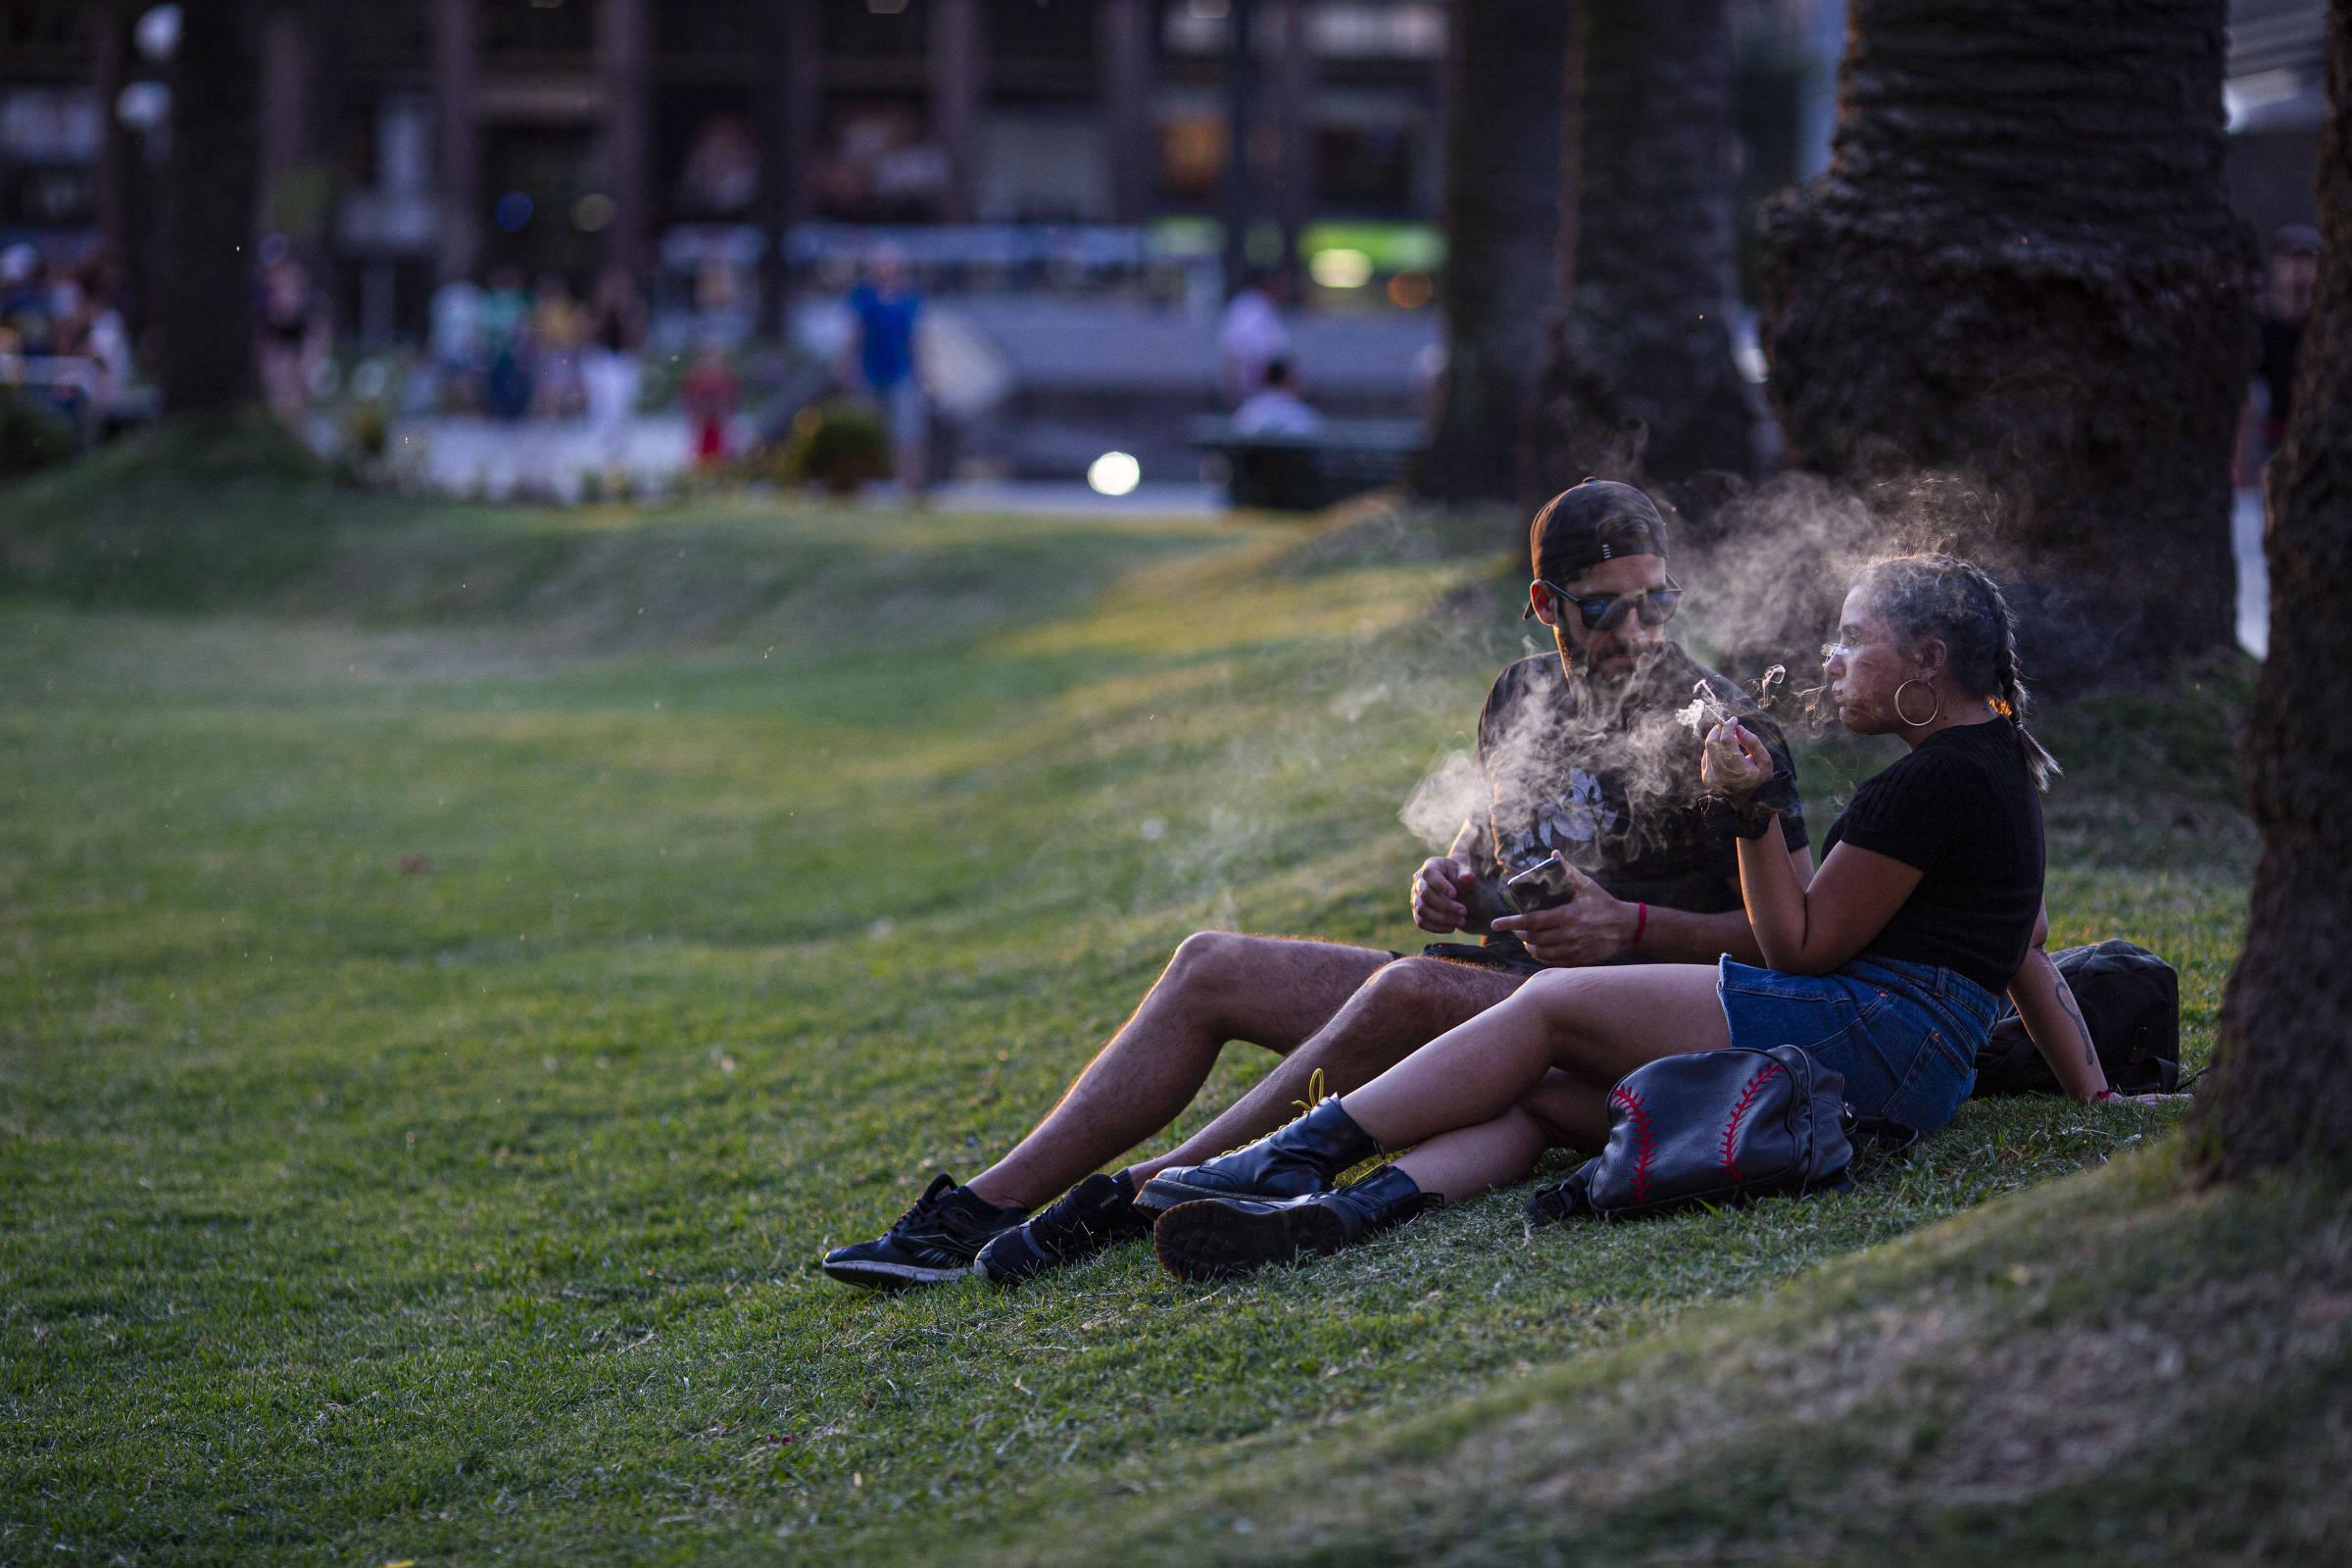 Jovens fumam maconha na praça Independência, em Montevidéu